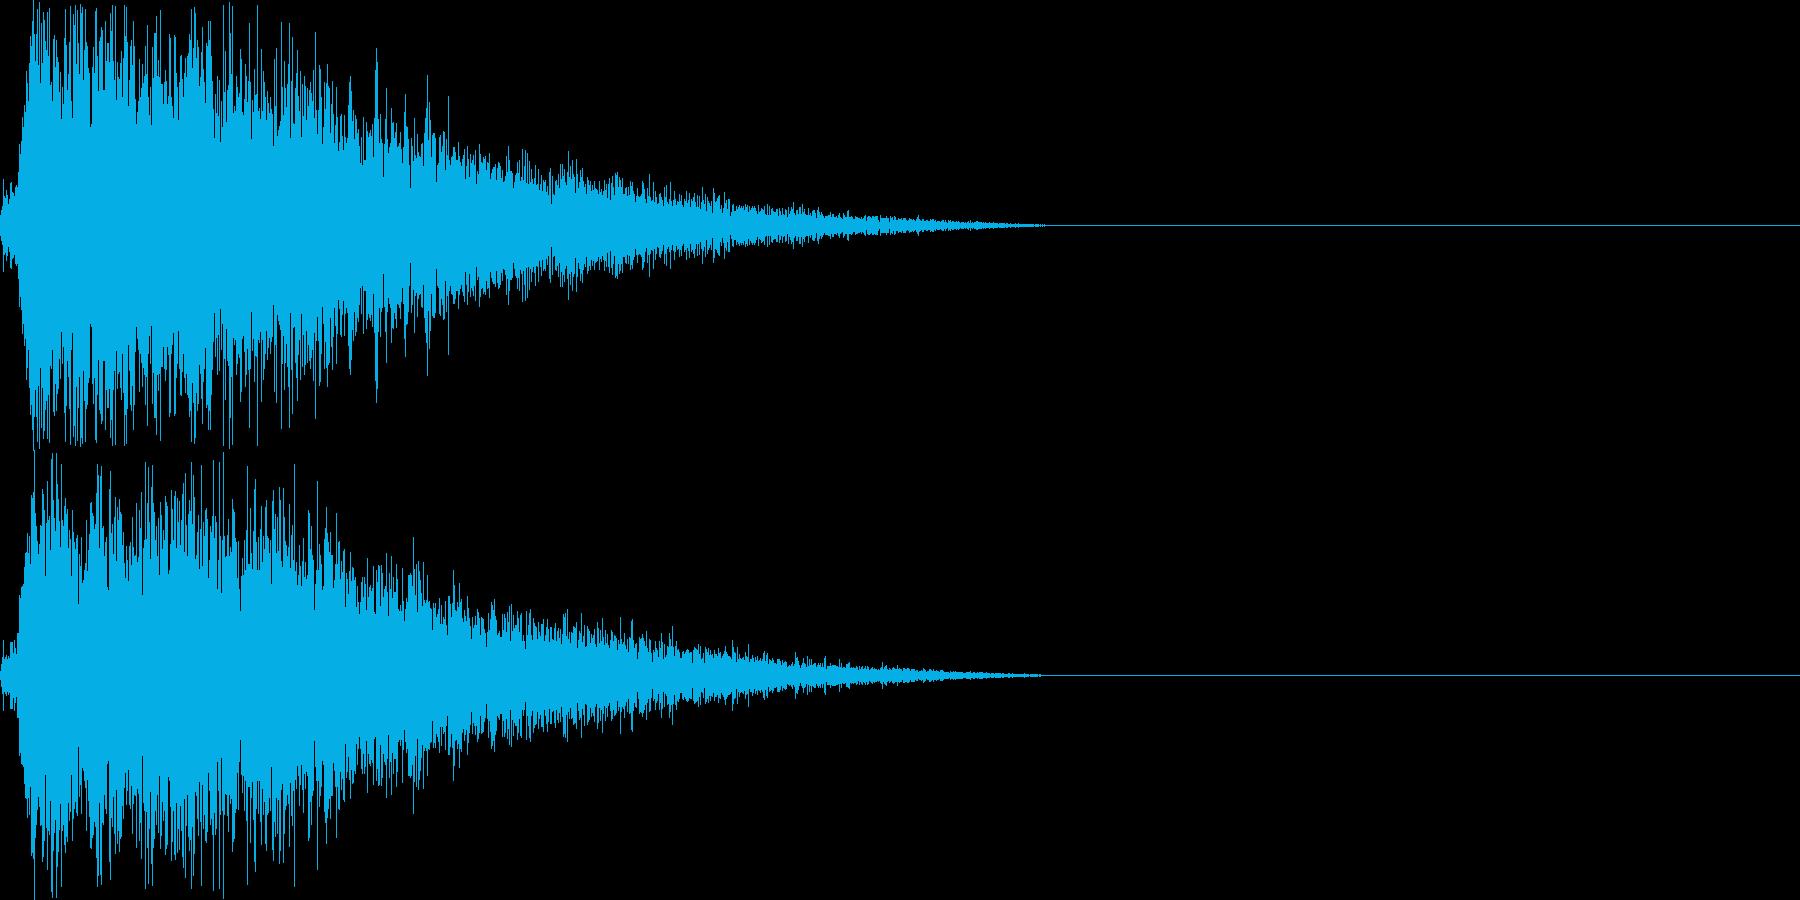 ハンドシンバル/オーケストラ/パーンの再生済みの波形